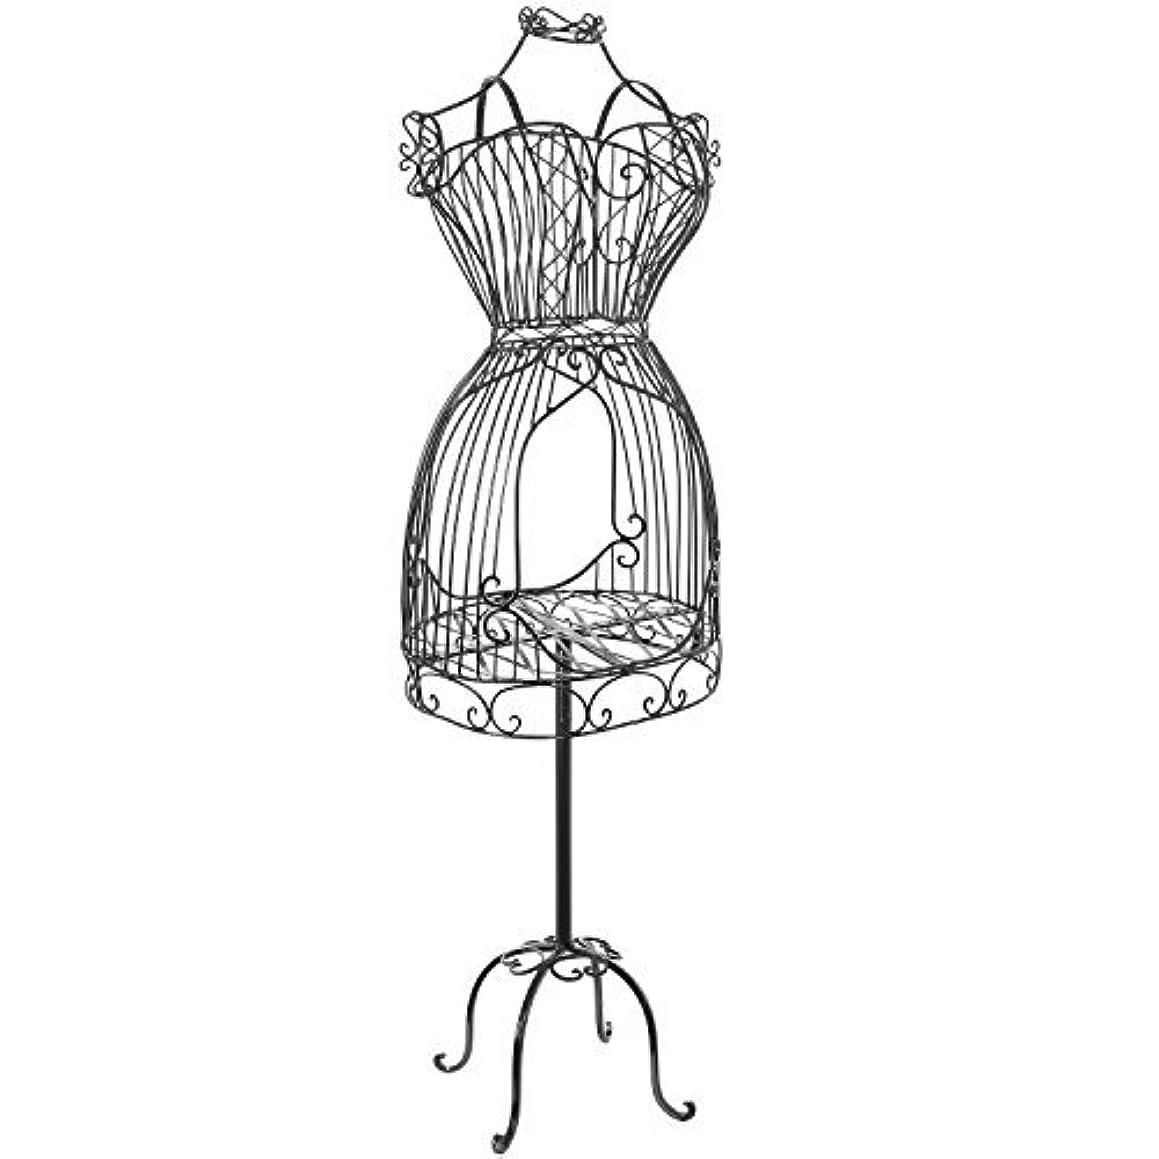 MyGift Vintage Designers Black Metal Scrollwork Wire Frame Dress Form Display Rack/Dressmaker's Mannequin Stand